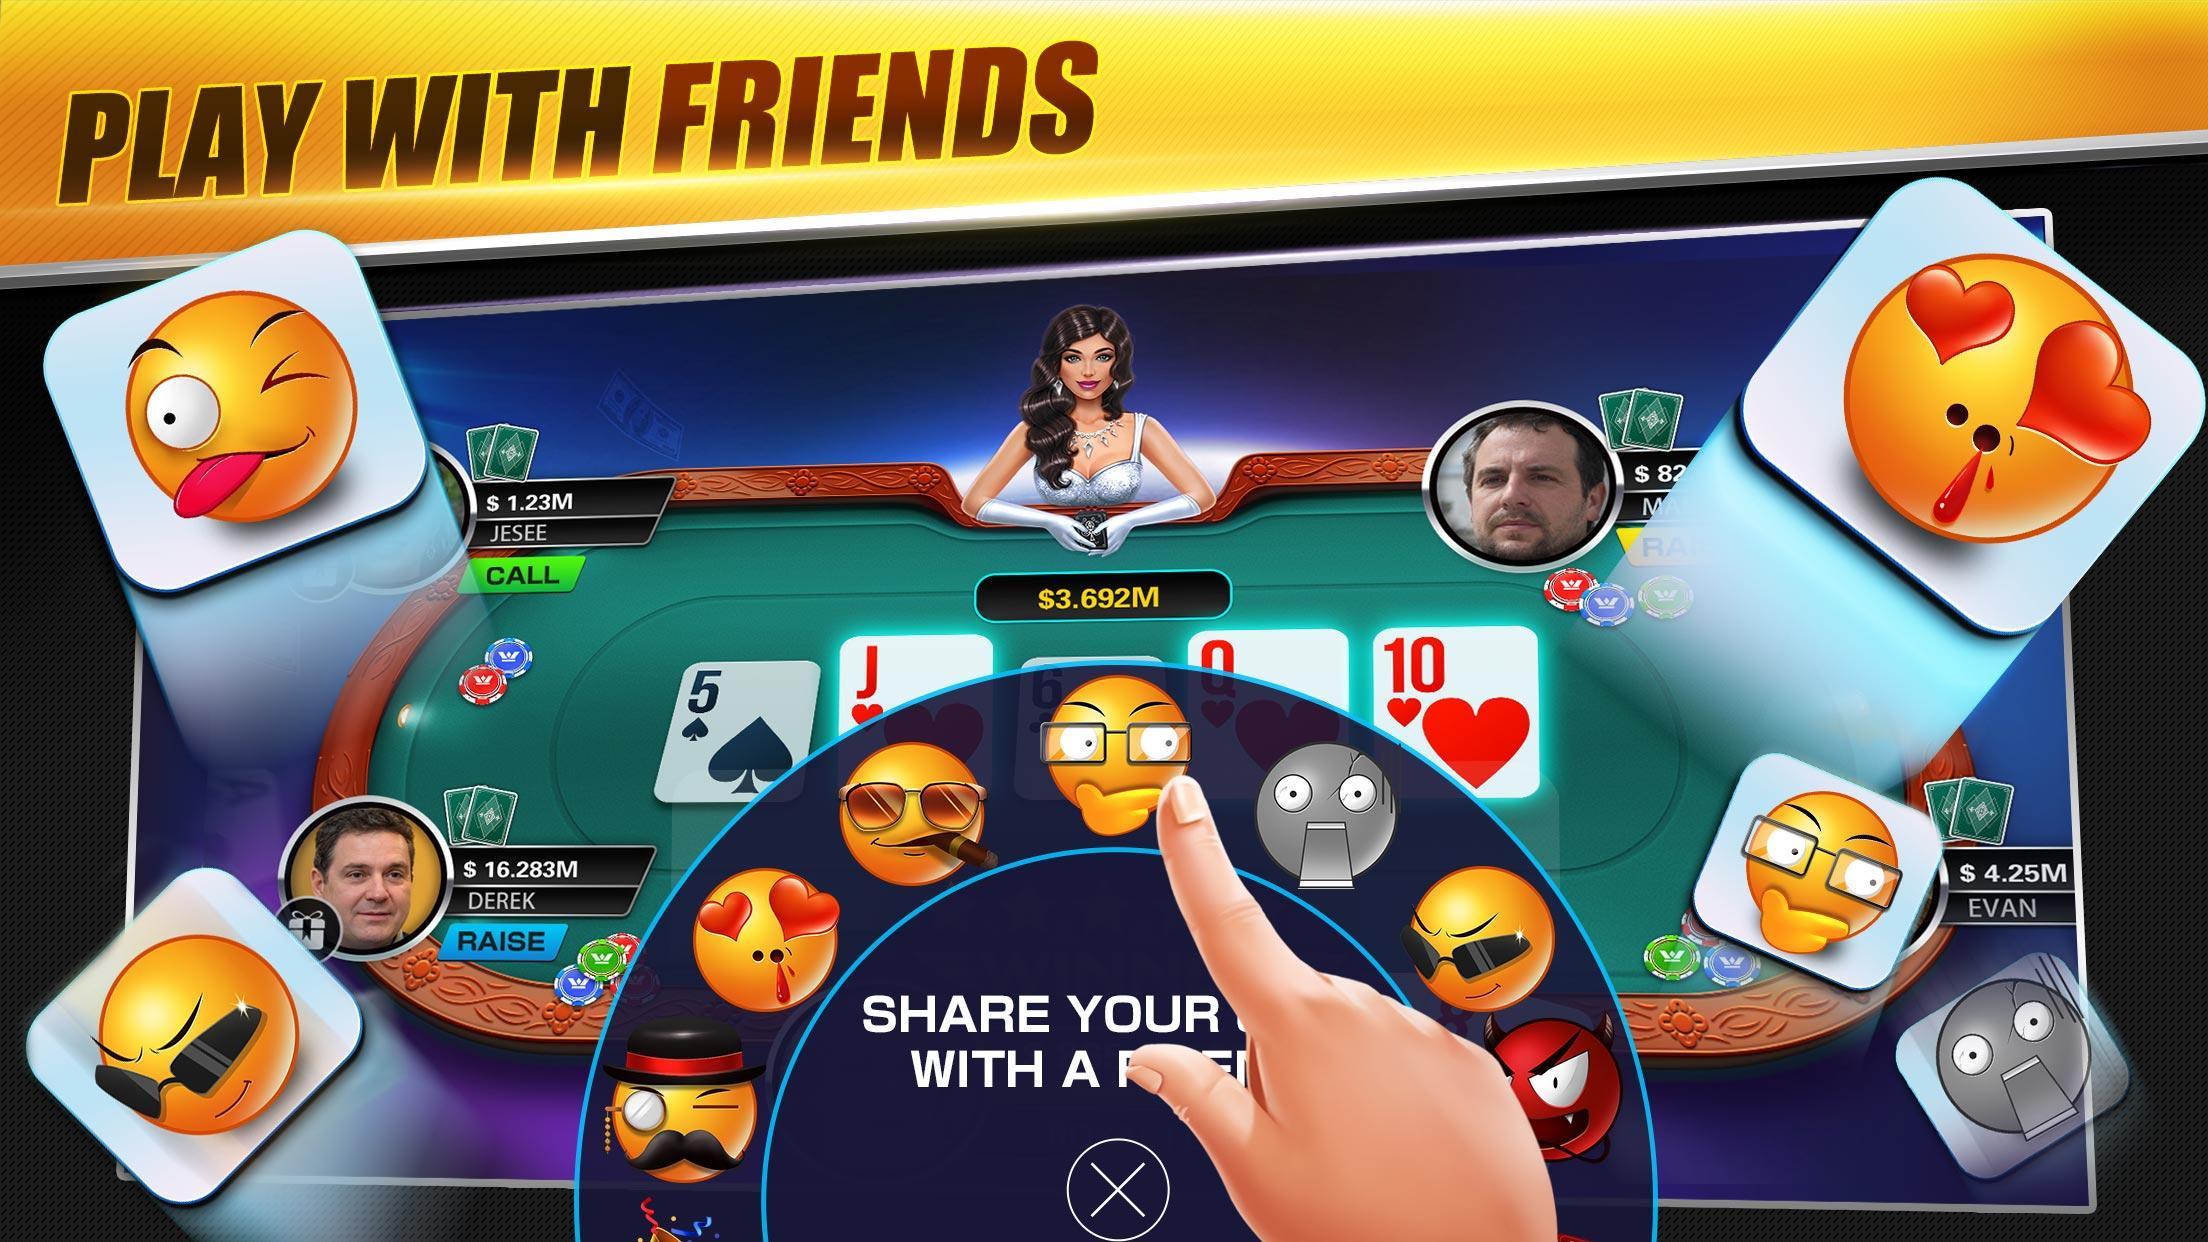 Покер онлайн бесплатно скачать игру казино рояль в монако